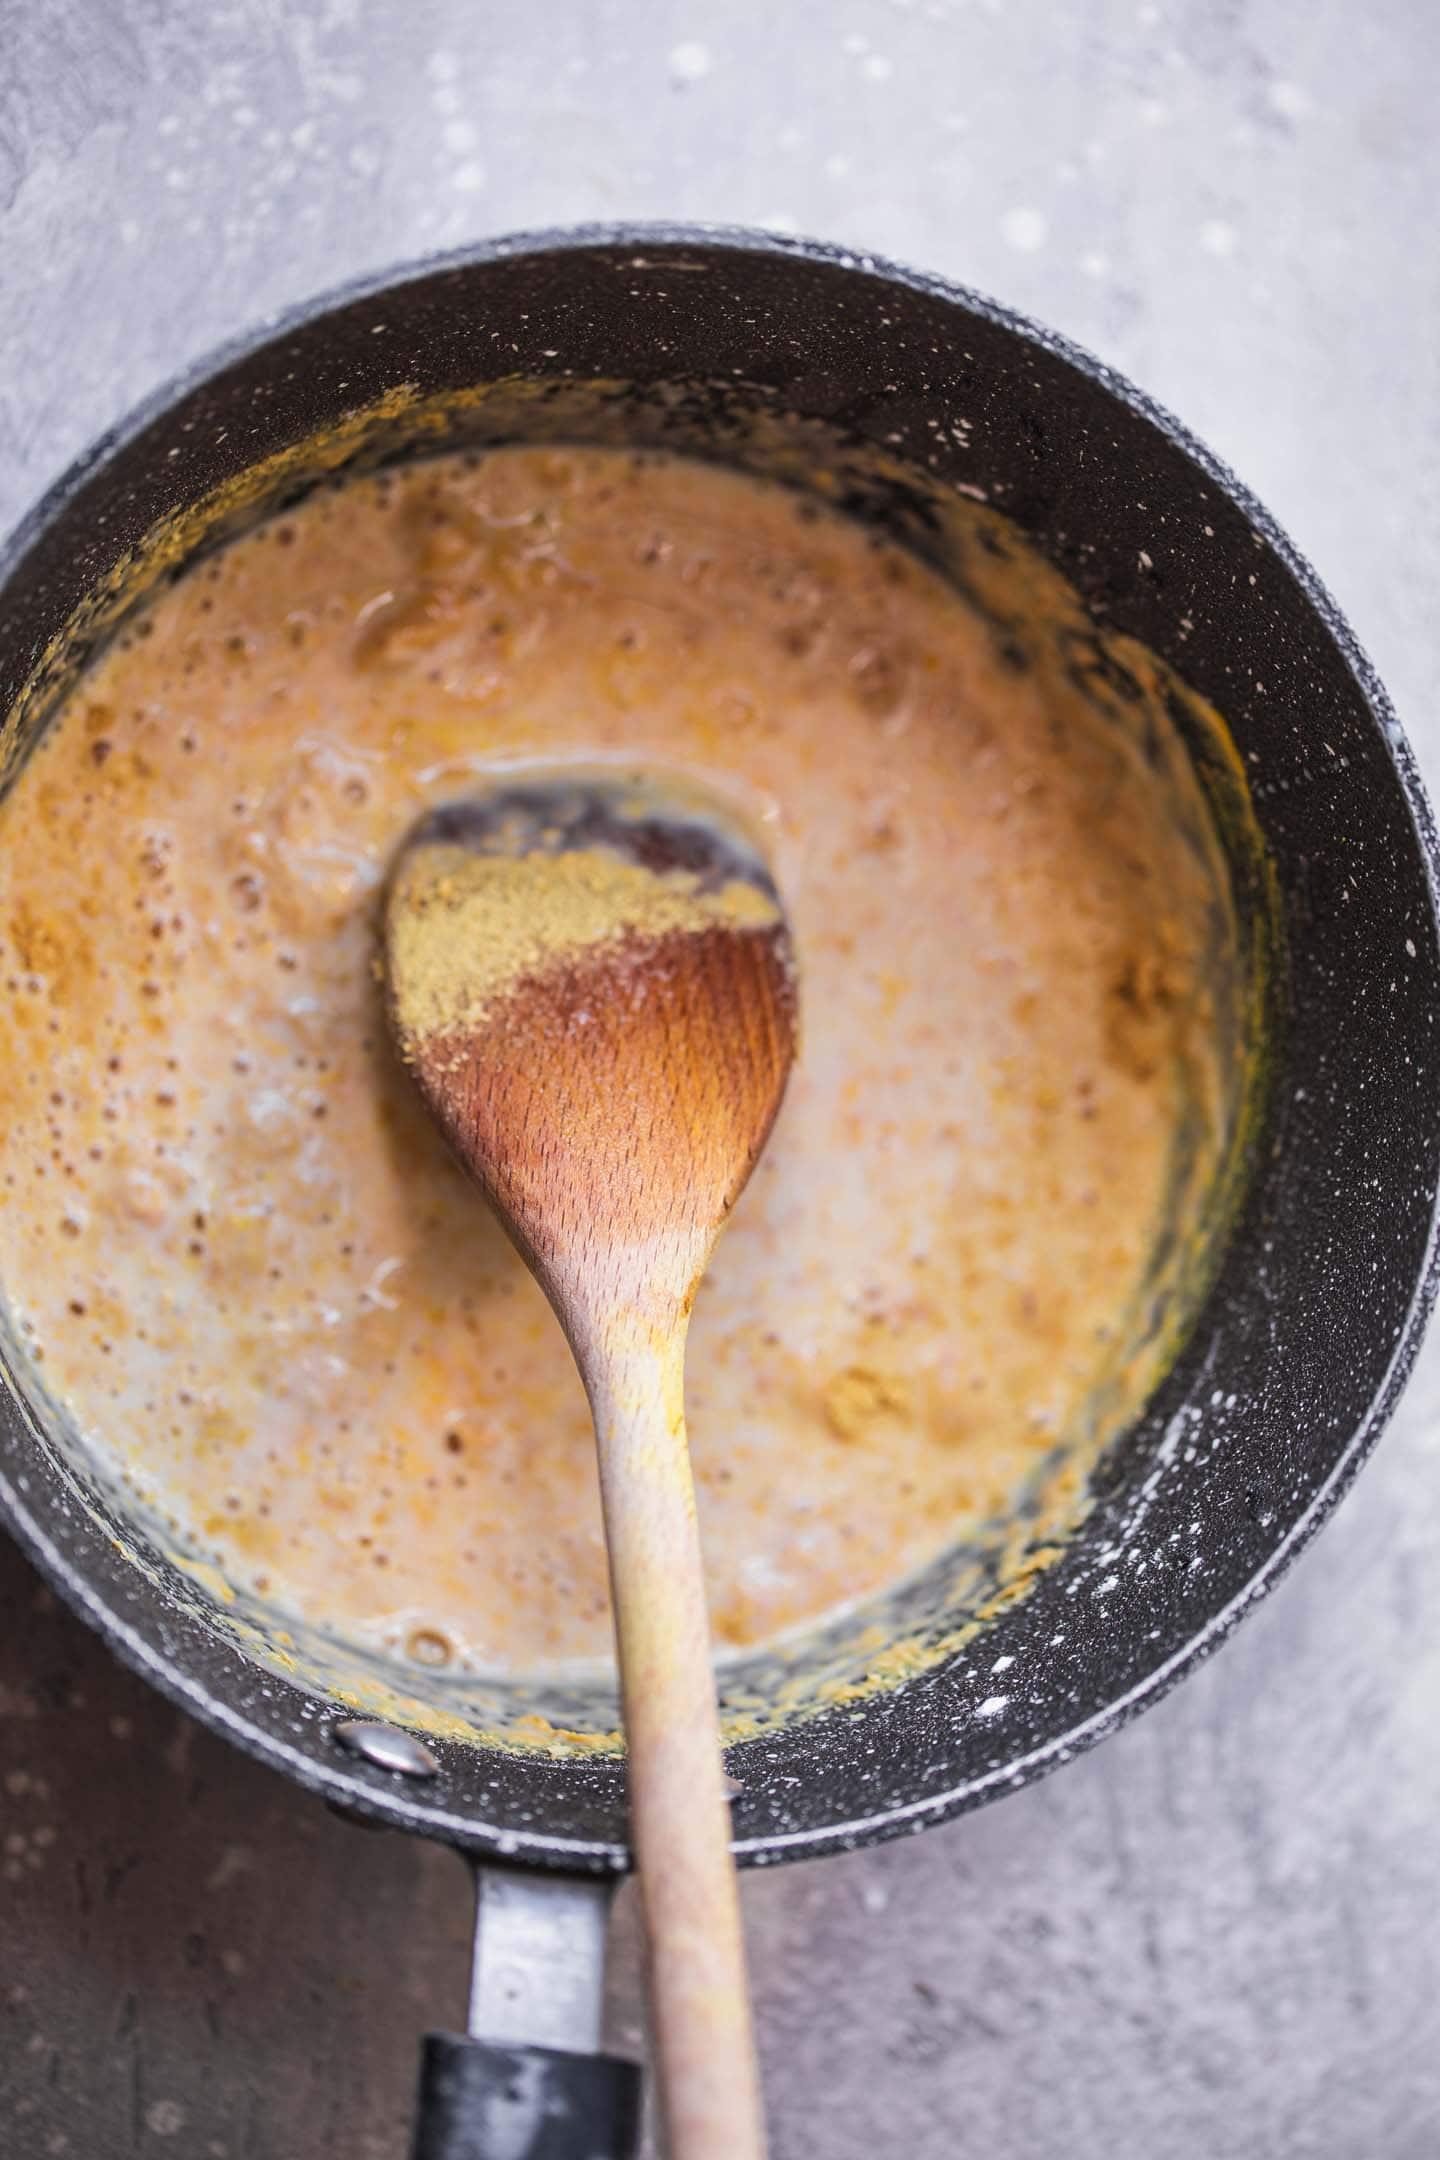 Saucepan with a vegan sauce